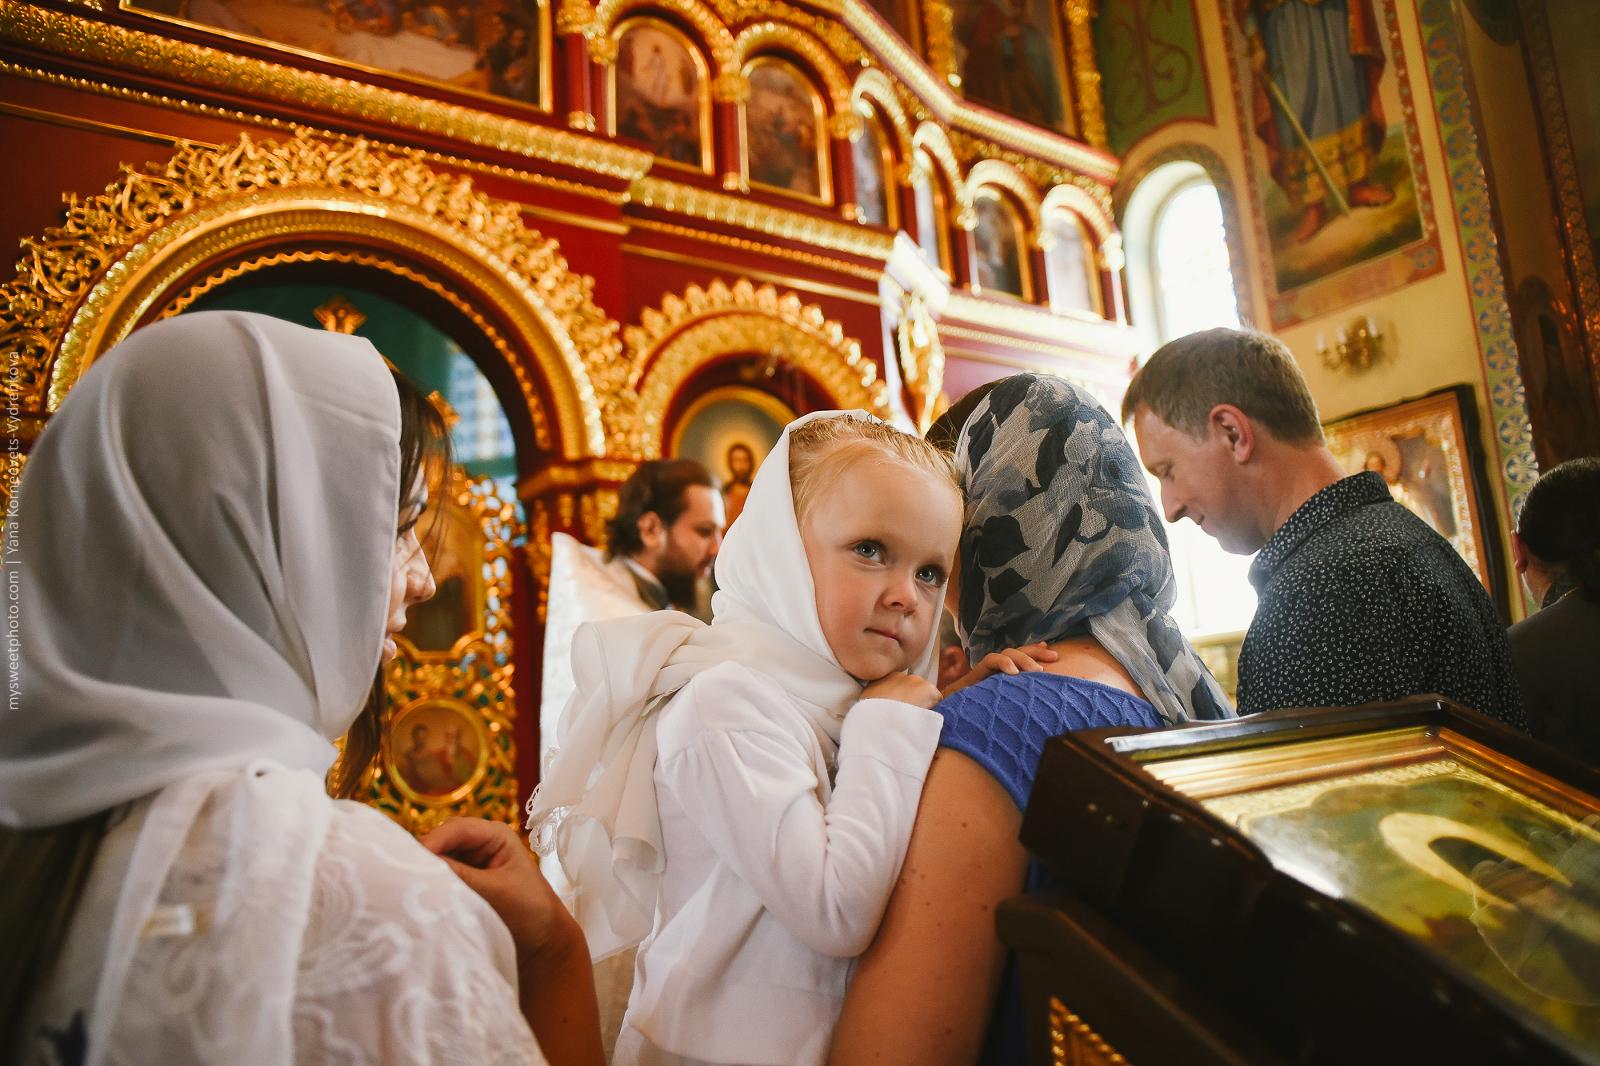   Фотограф на крещение в Киеве   Фотосессия церемонии крещения Киев   крещение Киев   фотограф на крестины Киев   крестины Киев  